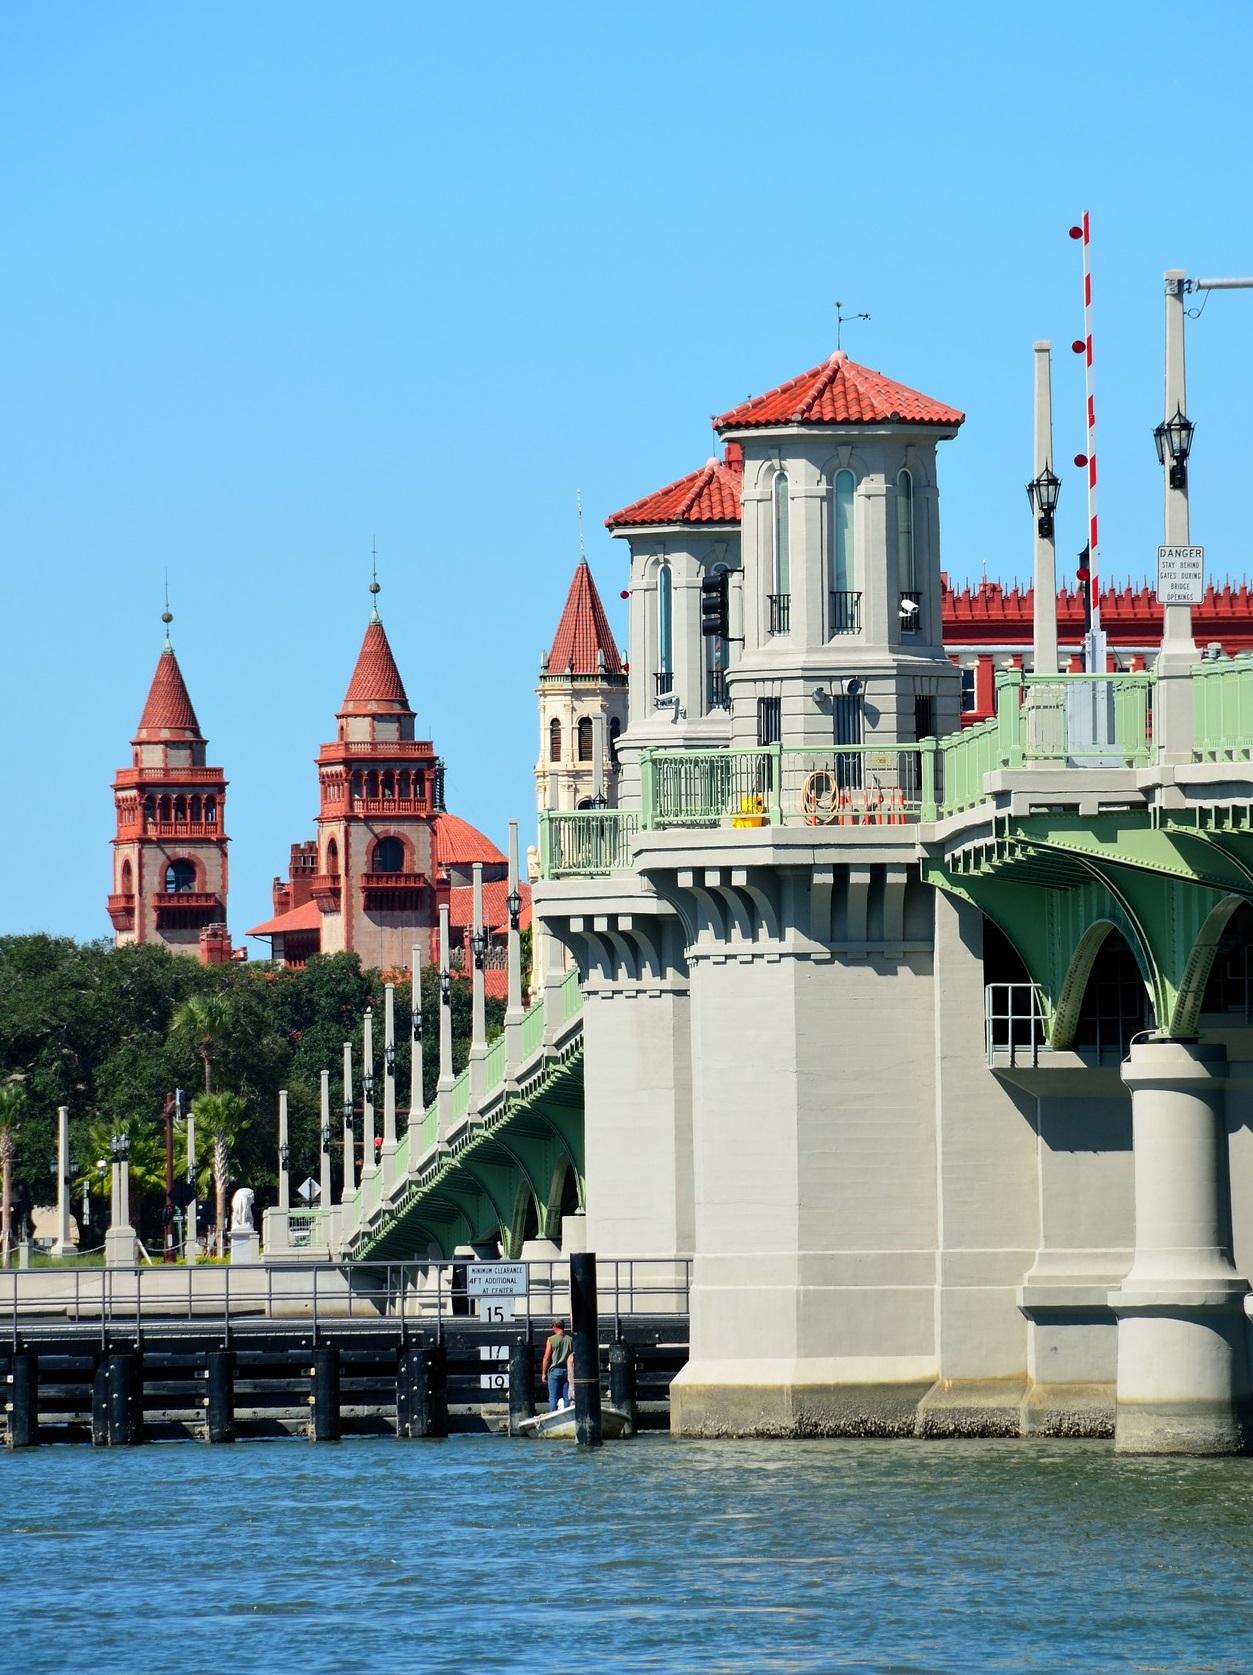 Bridge of Lions, St. Augustine Historic District